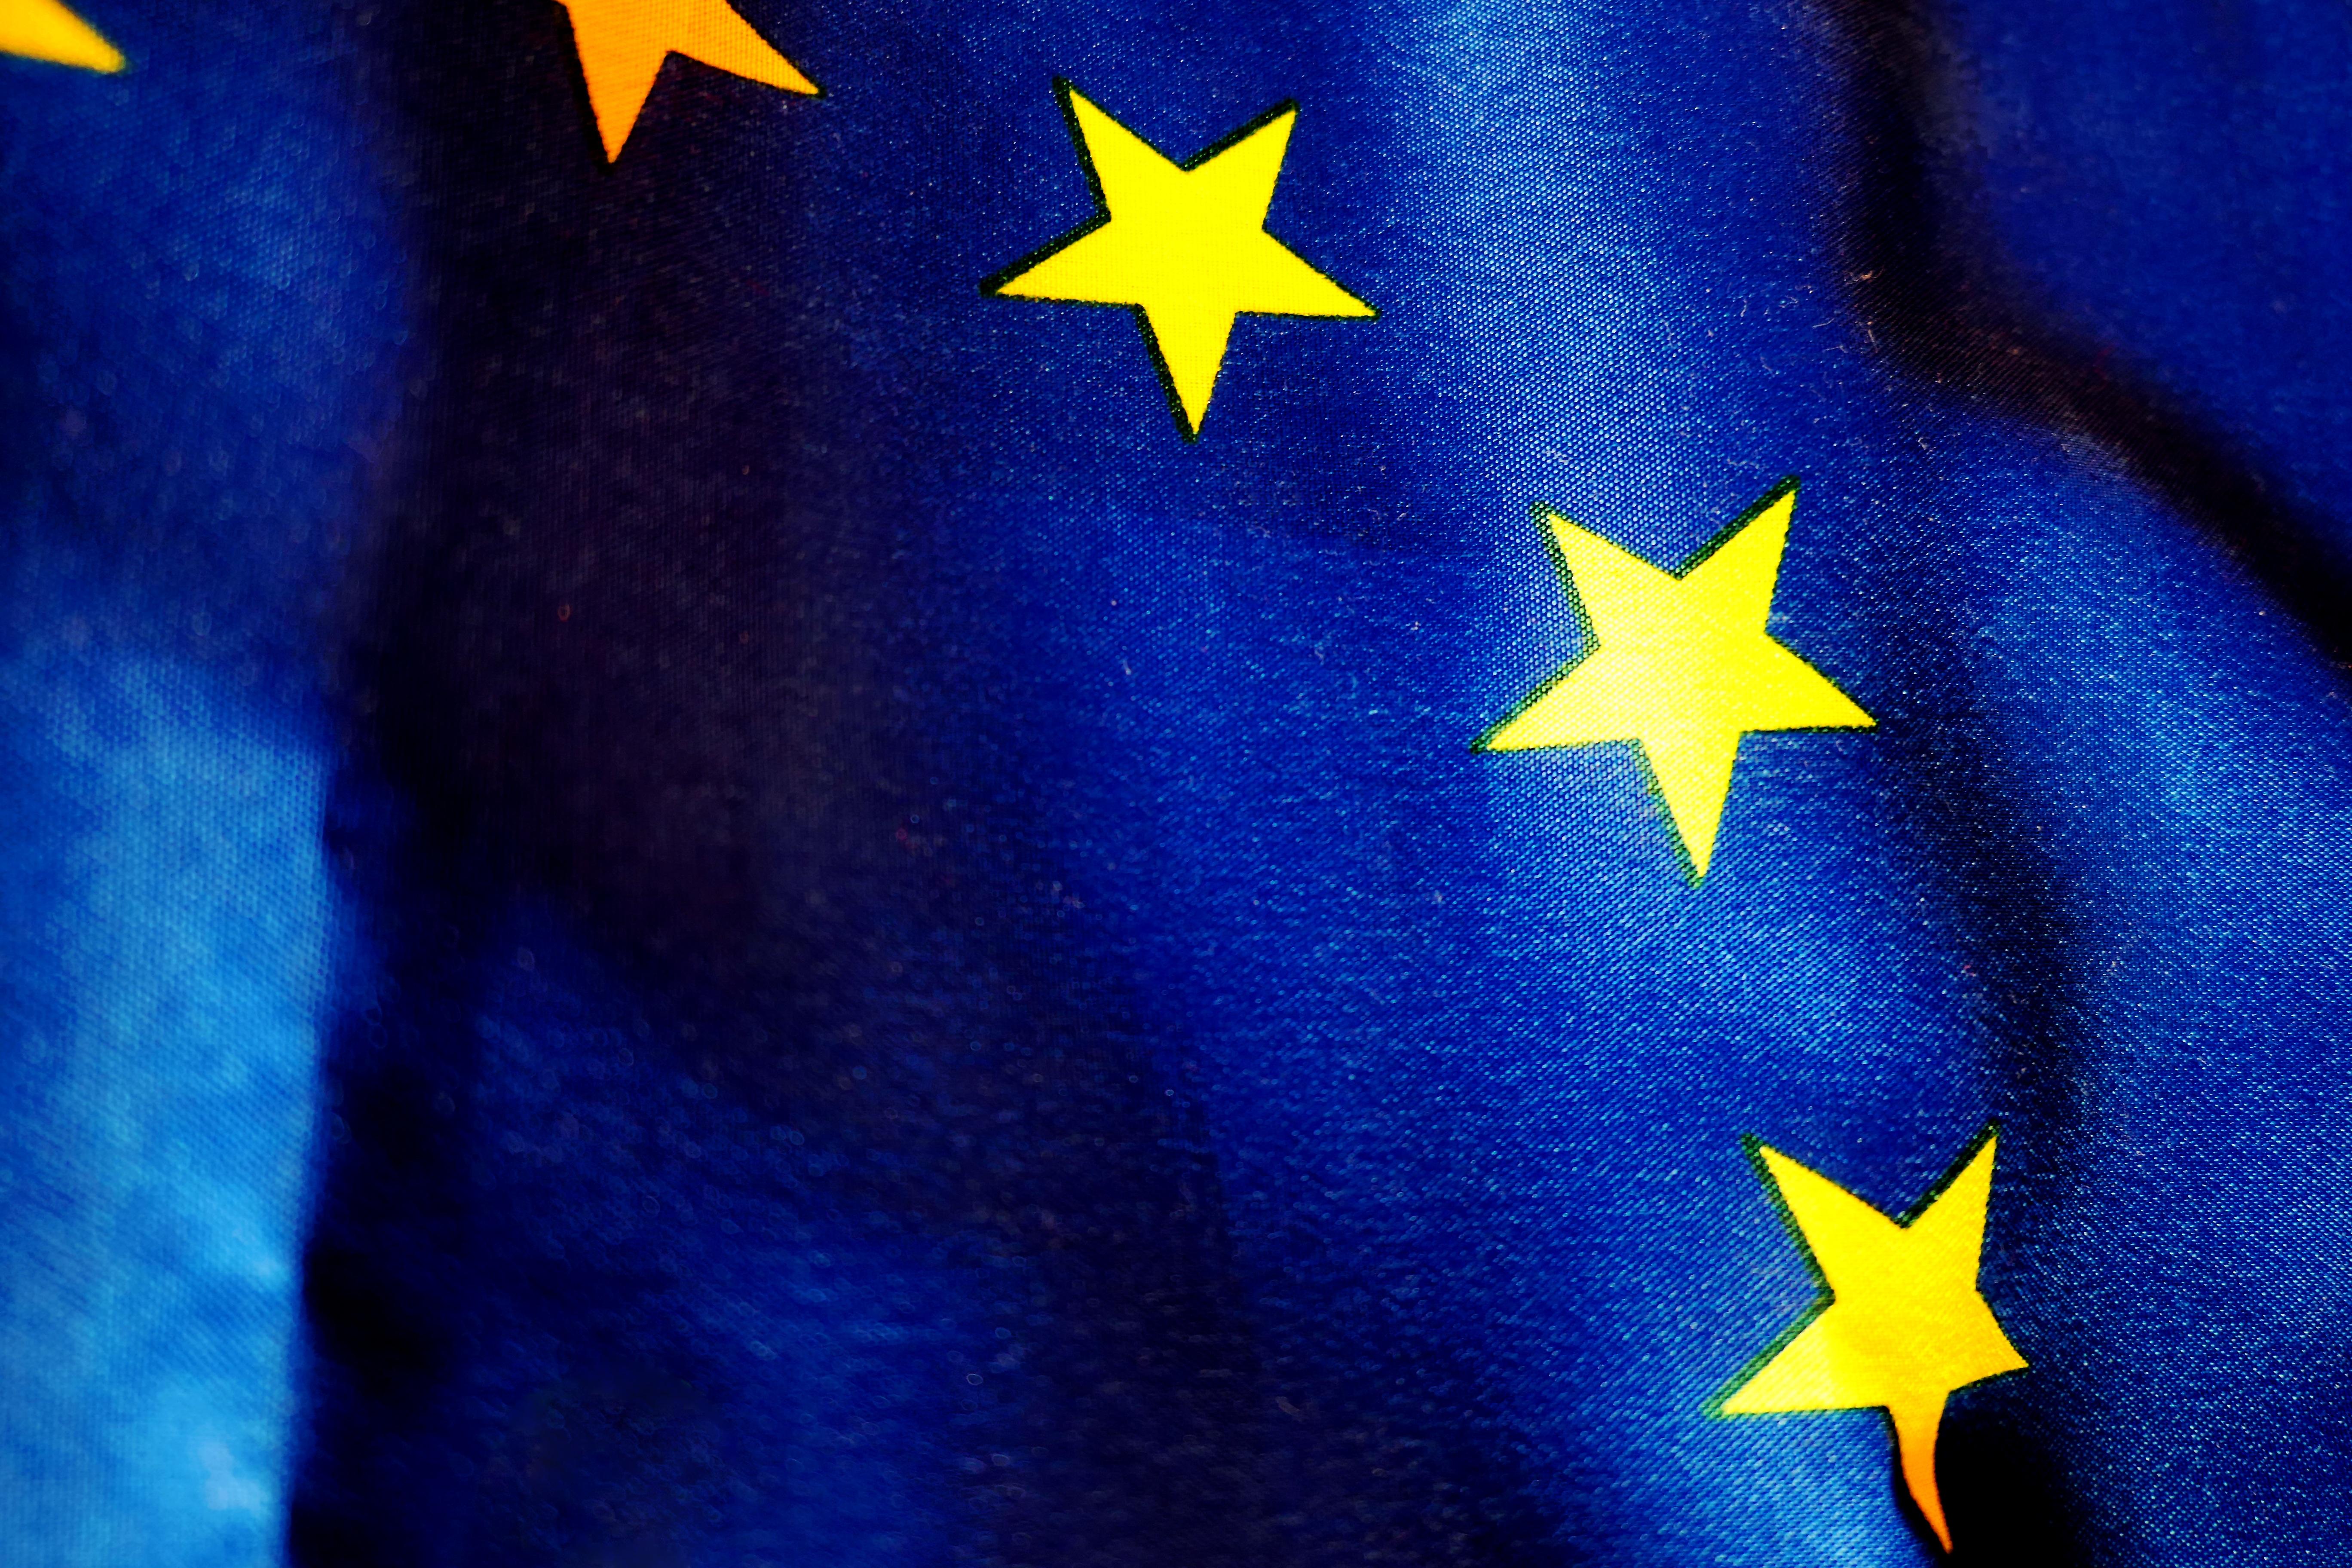 Gambar Bintang Angin Eropah Warna Spanduk Kegelapan Biru